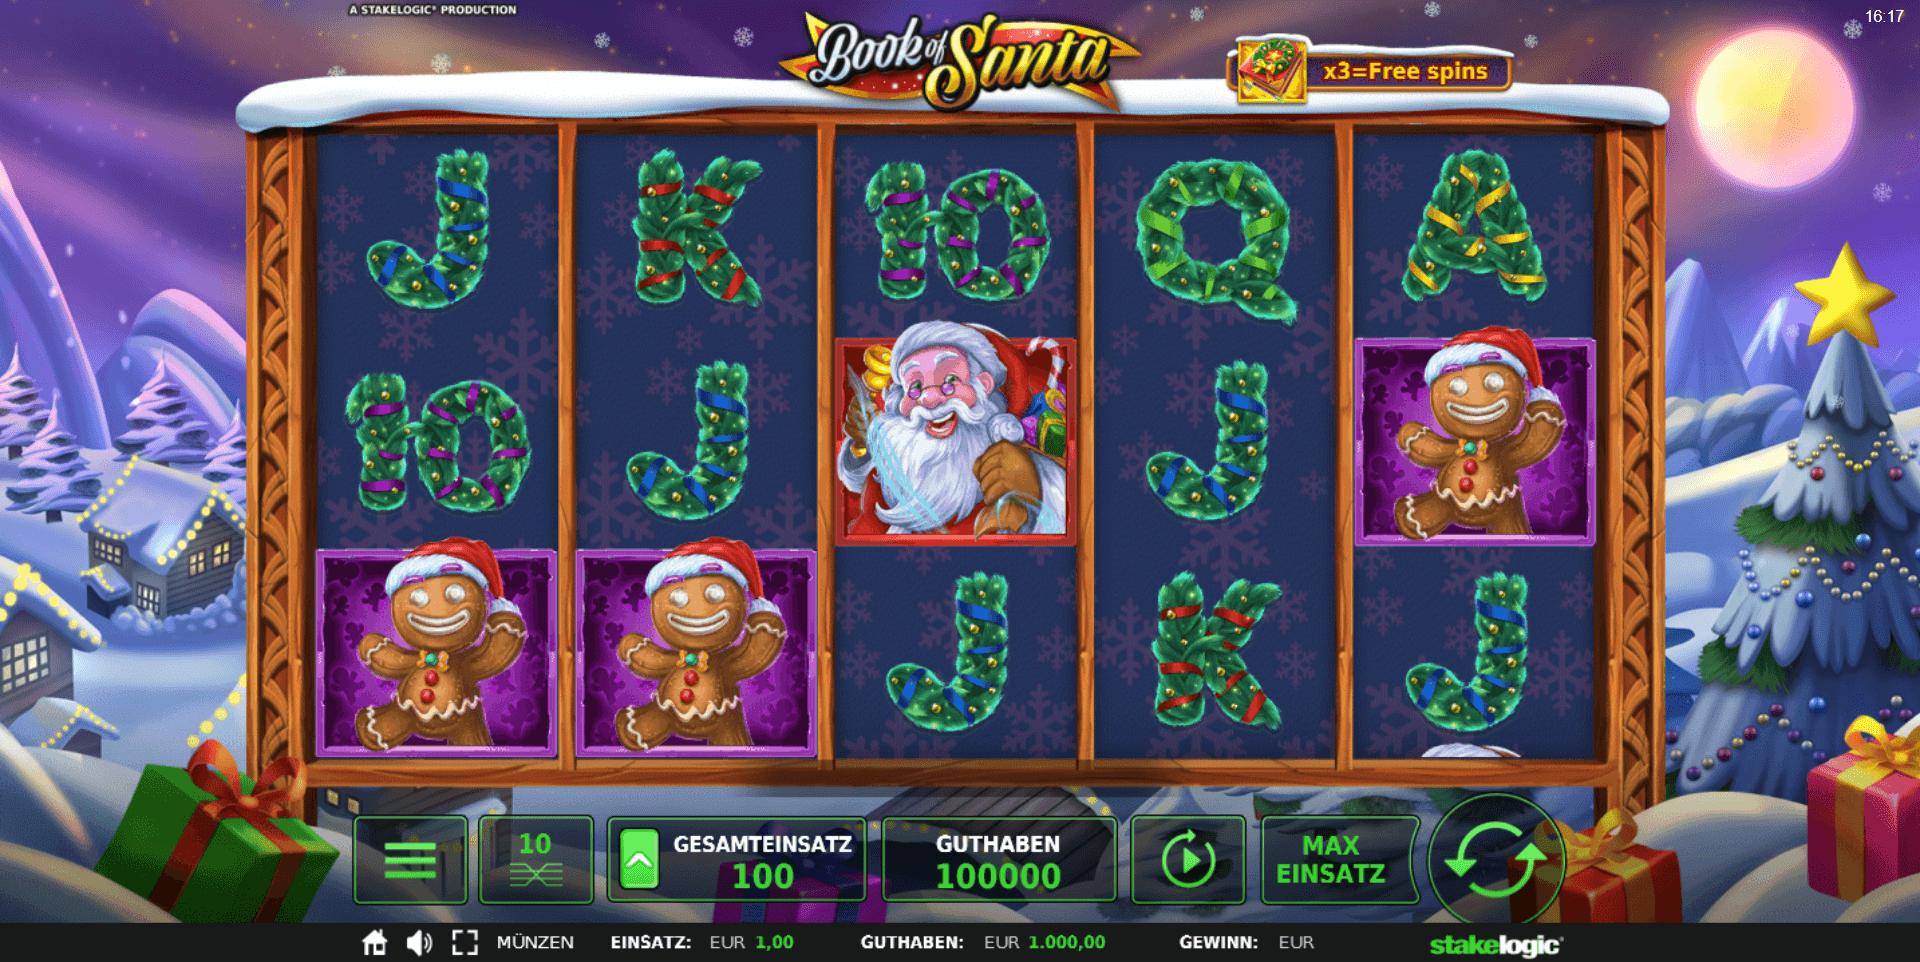 Book of Santa online